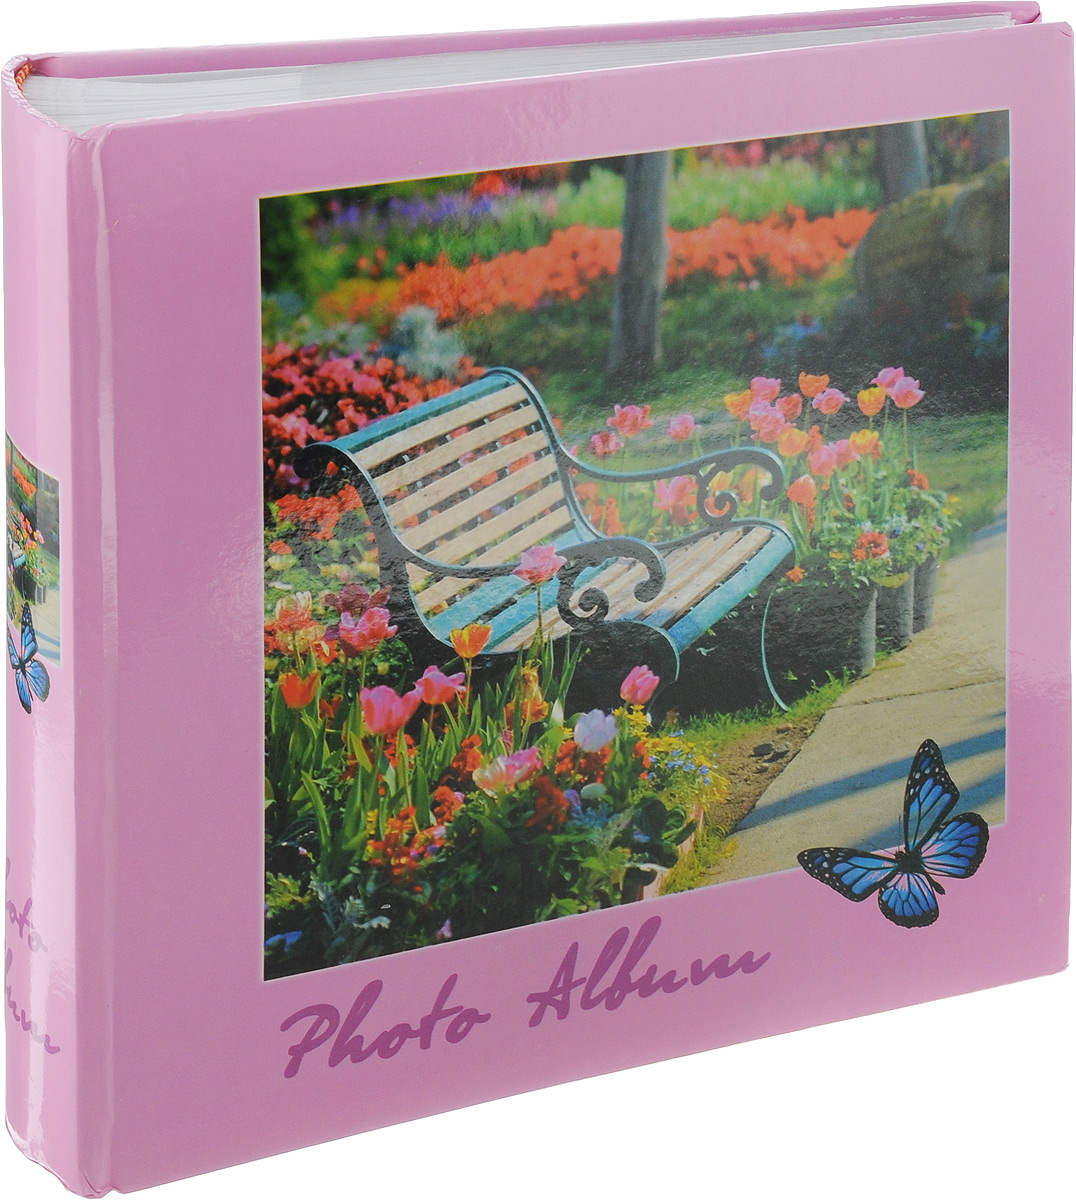 Фотоальбом Pioneer 4 Seasons, 200 фотографий, цвет: розовый, 10 x 15 см46365 PP-46100_зеленыйФотоальбом Pioneer 4 Seasons позволит вам запечатлеть незабываемые моменты вашей жизни, сохранить свои истории и воспоминания на его страницах. Обложка из толстого картона оформлена оригинальным принтом. Фотоальбом рассчитан на 200 фотографии форматом 10 x 15 см. На каждом развороте имеются поля для заполнения и два кармашка для фотографий. Такой необычный фотоальбом позволит легко заполнить страницы вашей истории, и с годами ничего не забудется.Тип обложки: Ламинированный картон.Тип листов: бумажные.Тип переплета: книжный.Кол-во фотографий: 200.Материалы, использованные в изготовлении альбома, обеспечивают высокое качество хранения ваших фотографий, поэтому фотографии не желтеют со временем.